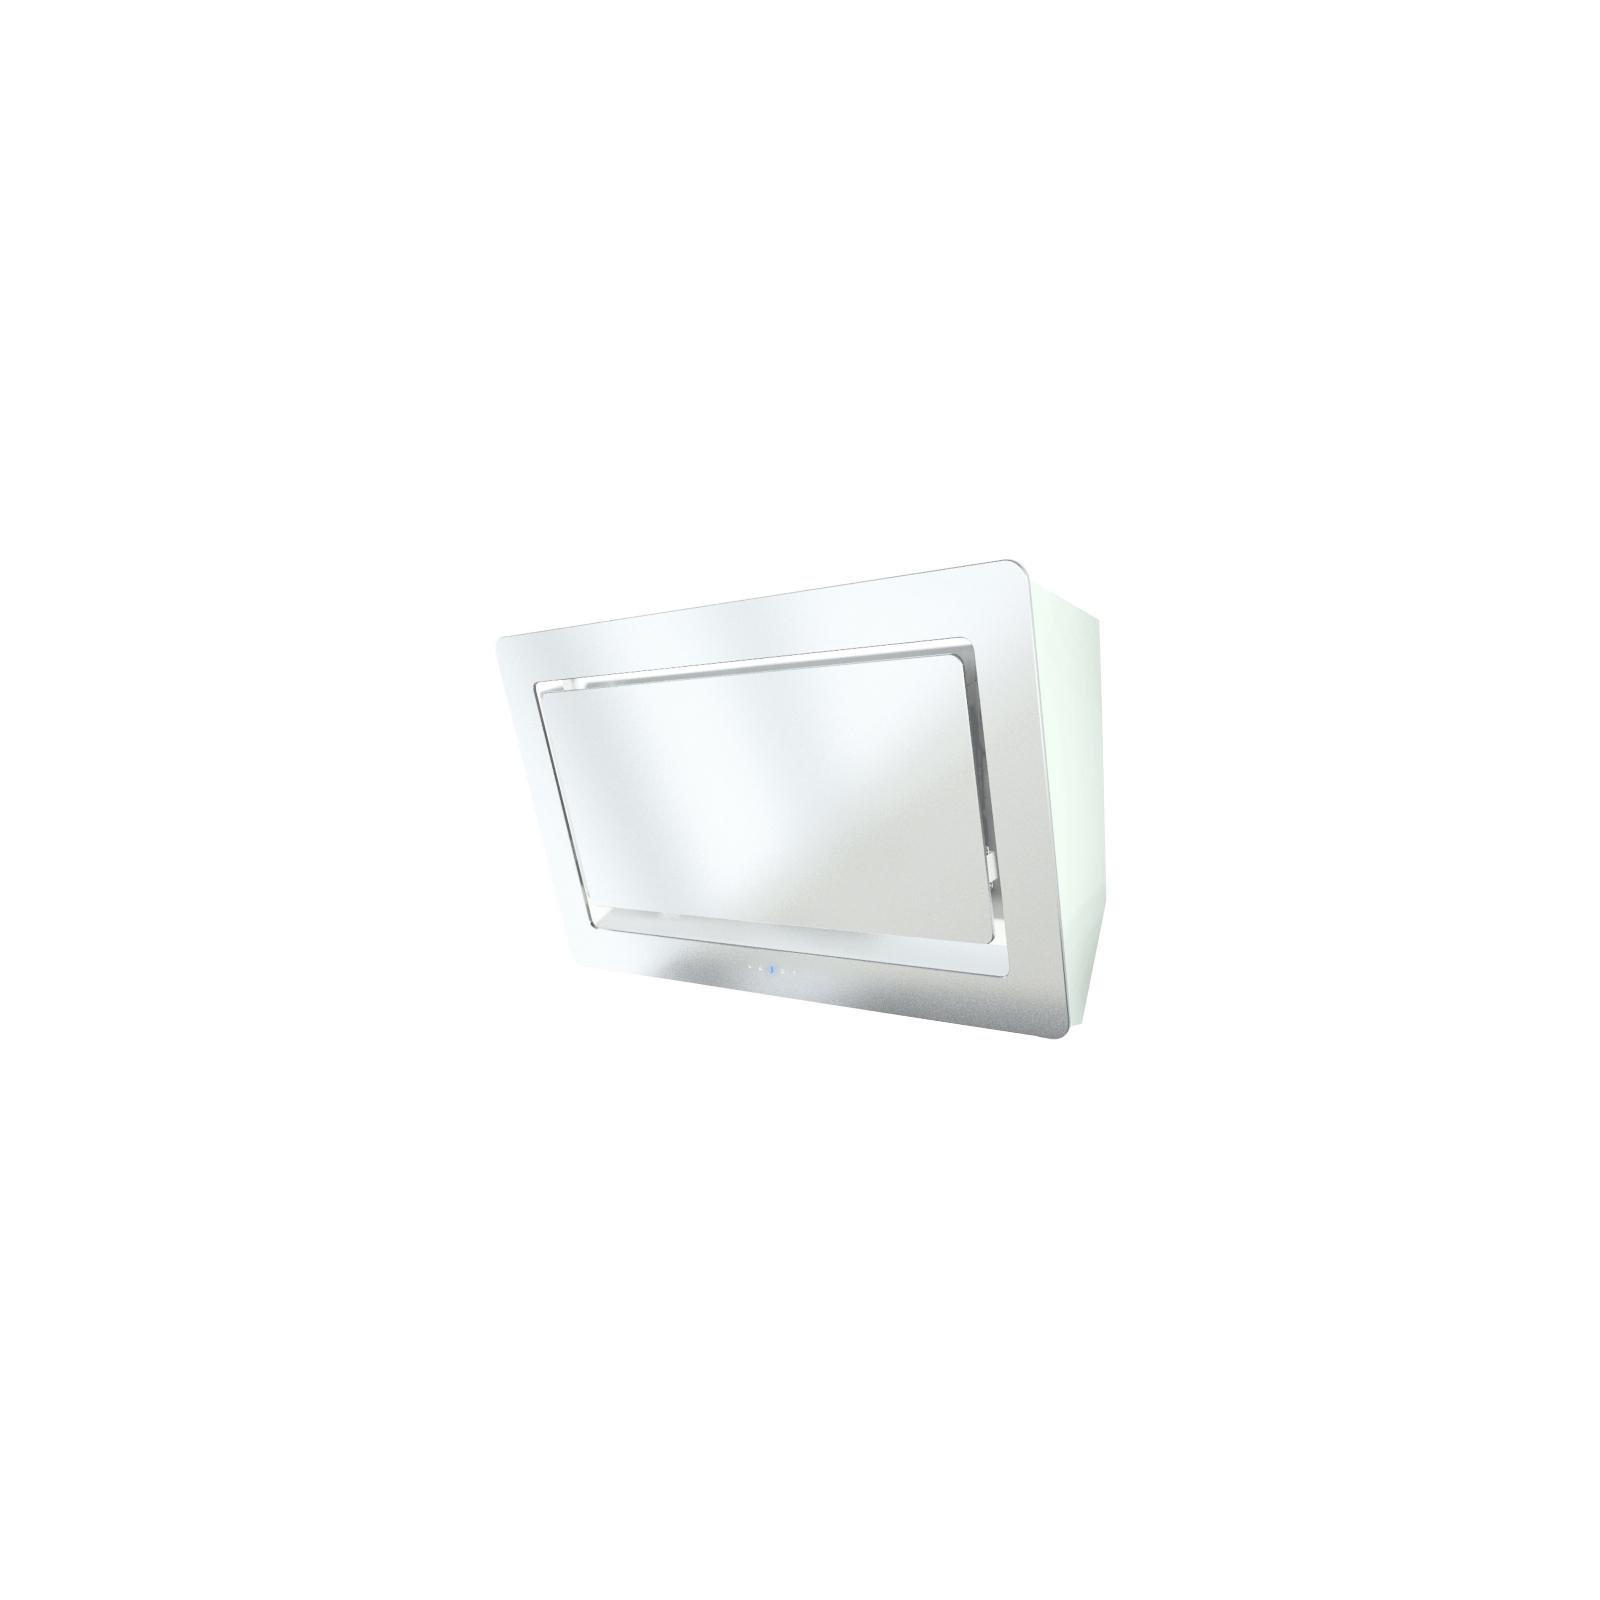 Вытяжка кухонная Zirtal ONYX 90 WH